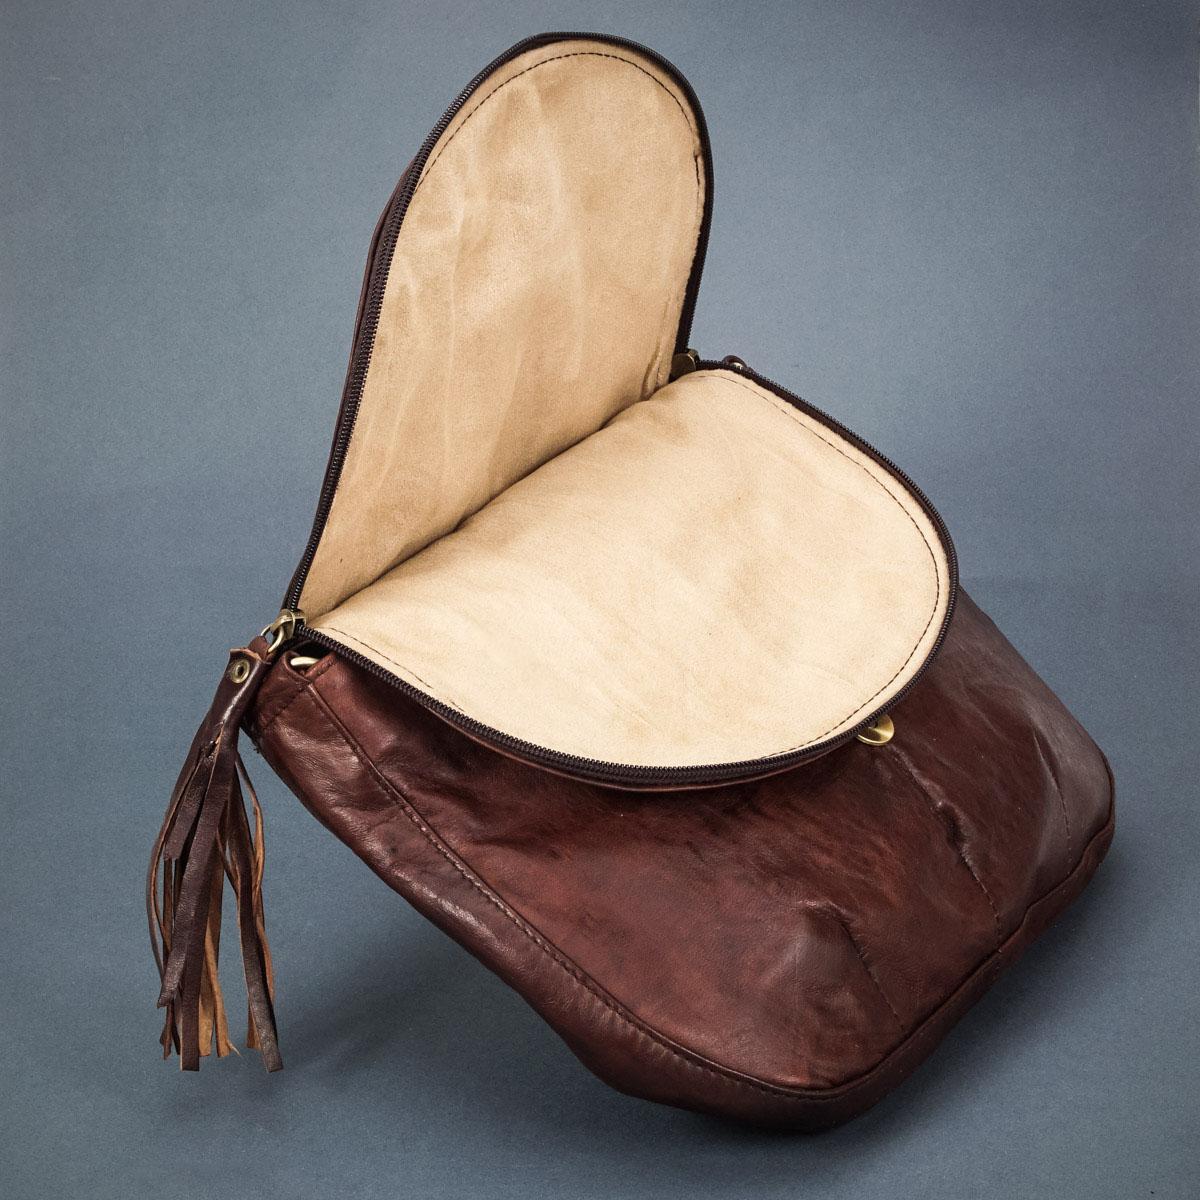 каталожное фото женской сумочки из натуральной кожи